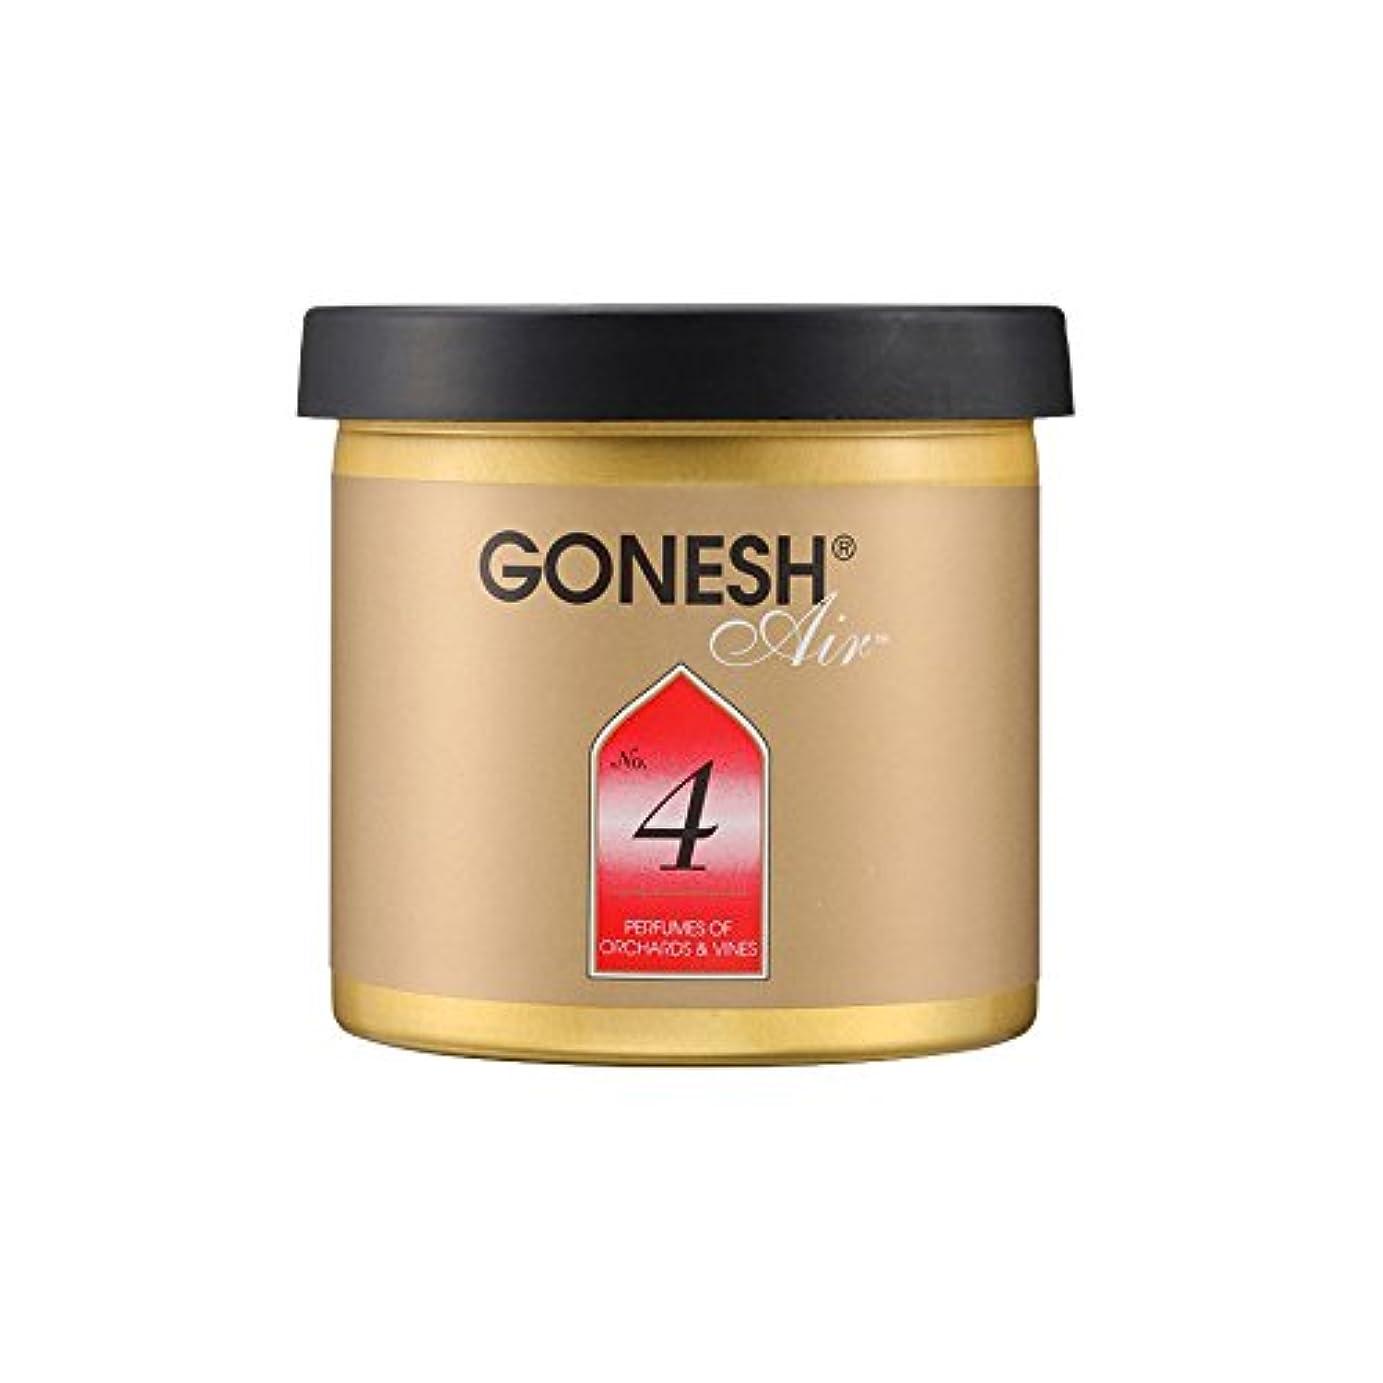 スイッチスペイン語菊GONESH ゲルエアフレッシュナー No.4ガーネッシュGEL AIR FRESHENER 307204